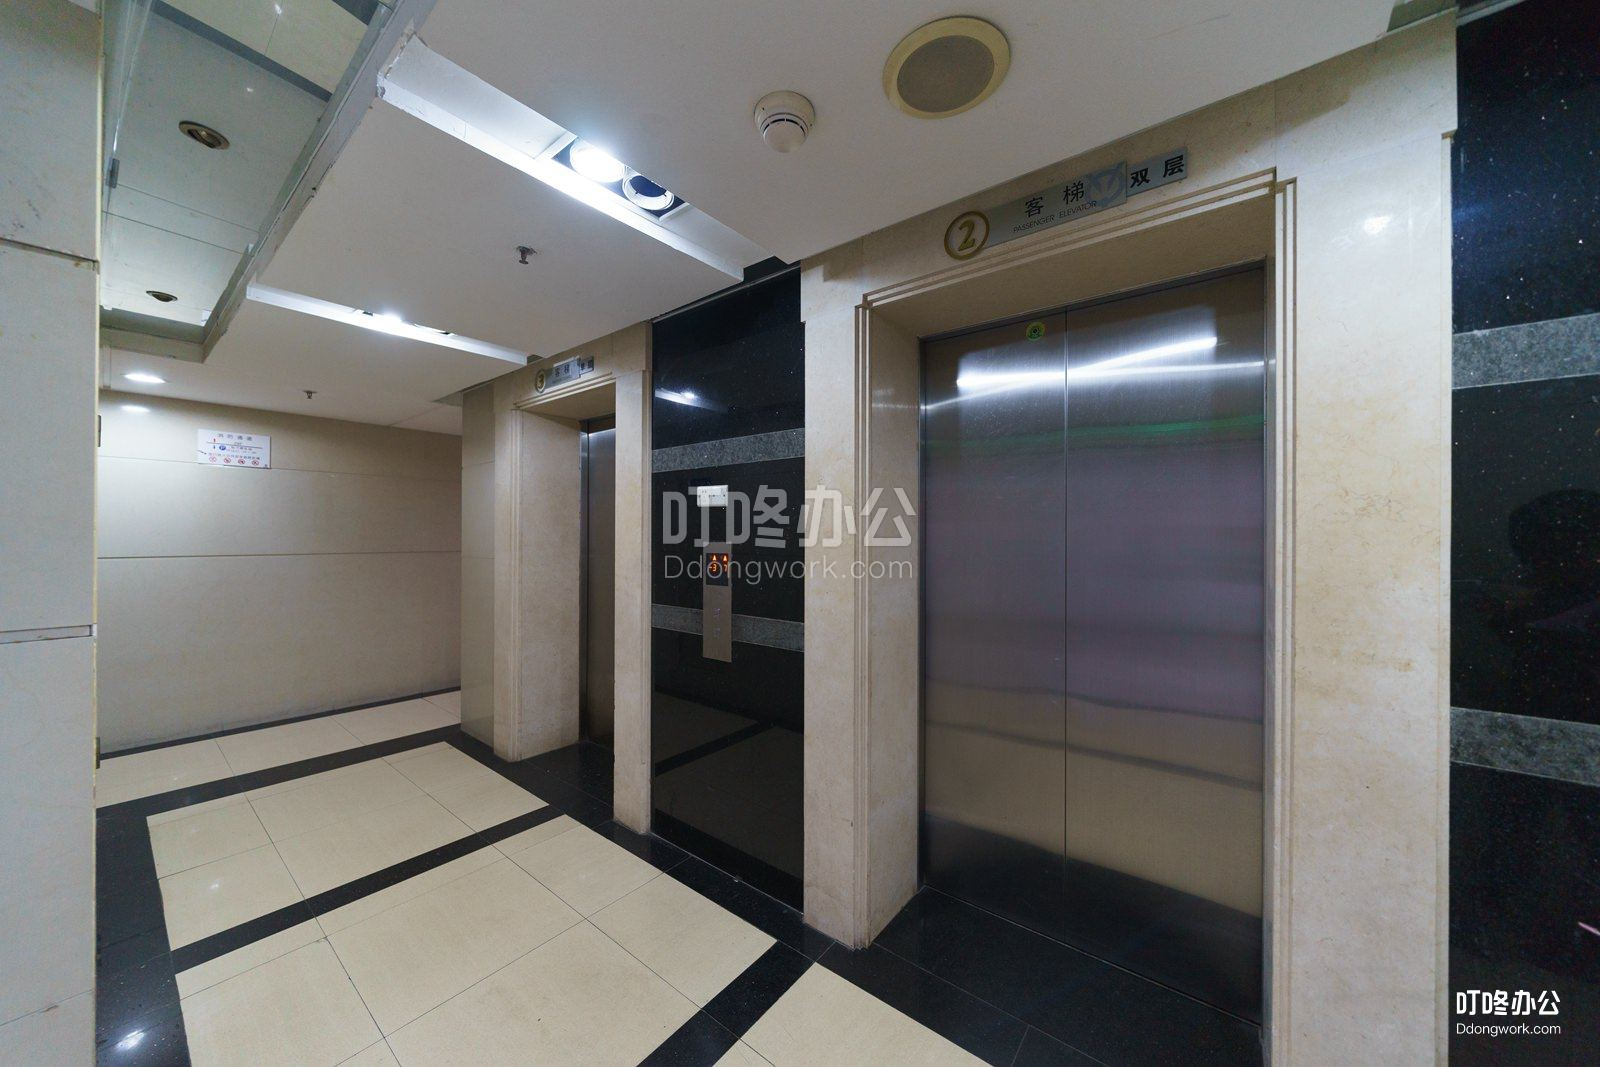 华强北国际创客中心「1.0」公共区域